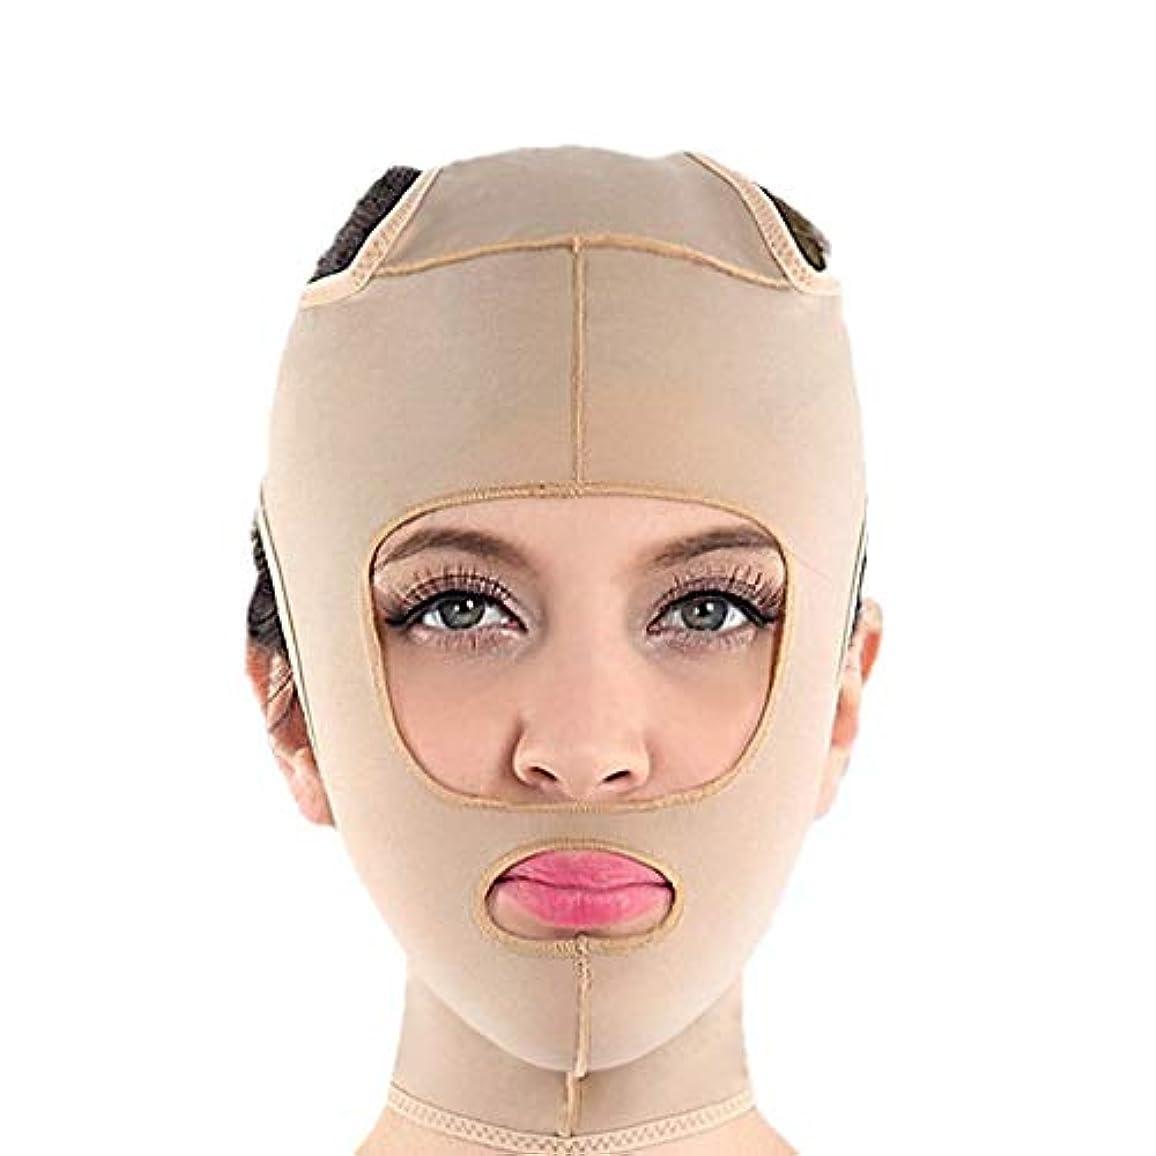 管理します一目外観フェイスリフティング、ダブルチンストラップ、フェイシャル減量マスク、ダブルチンを減らすリフティングヌードル、ファーミングフェイス、パワフルリフティングマスク(サイズ:M),S